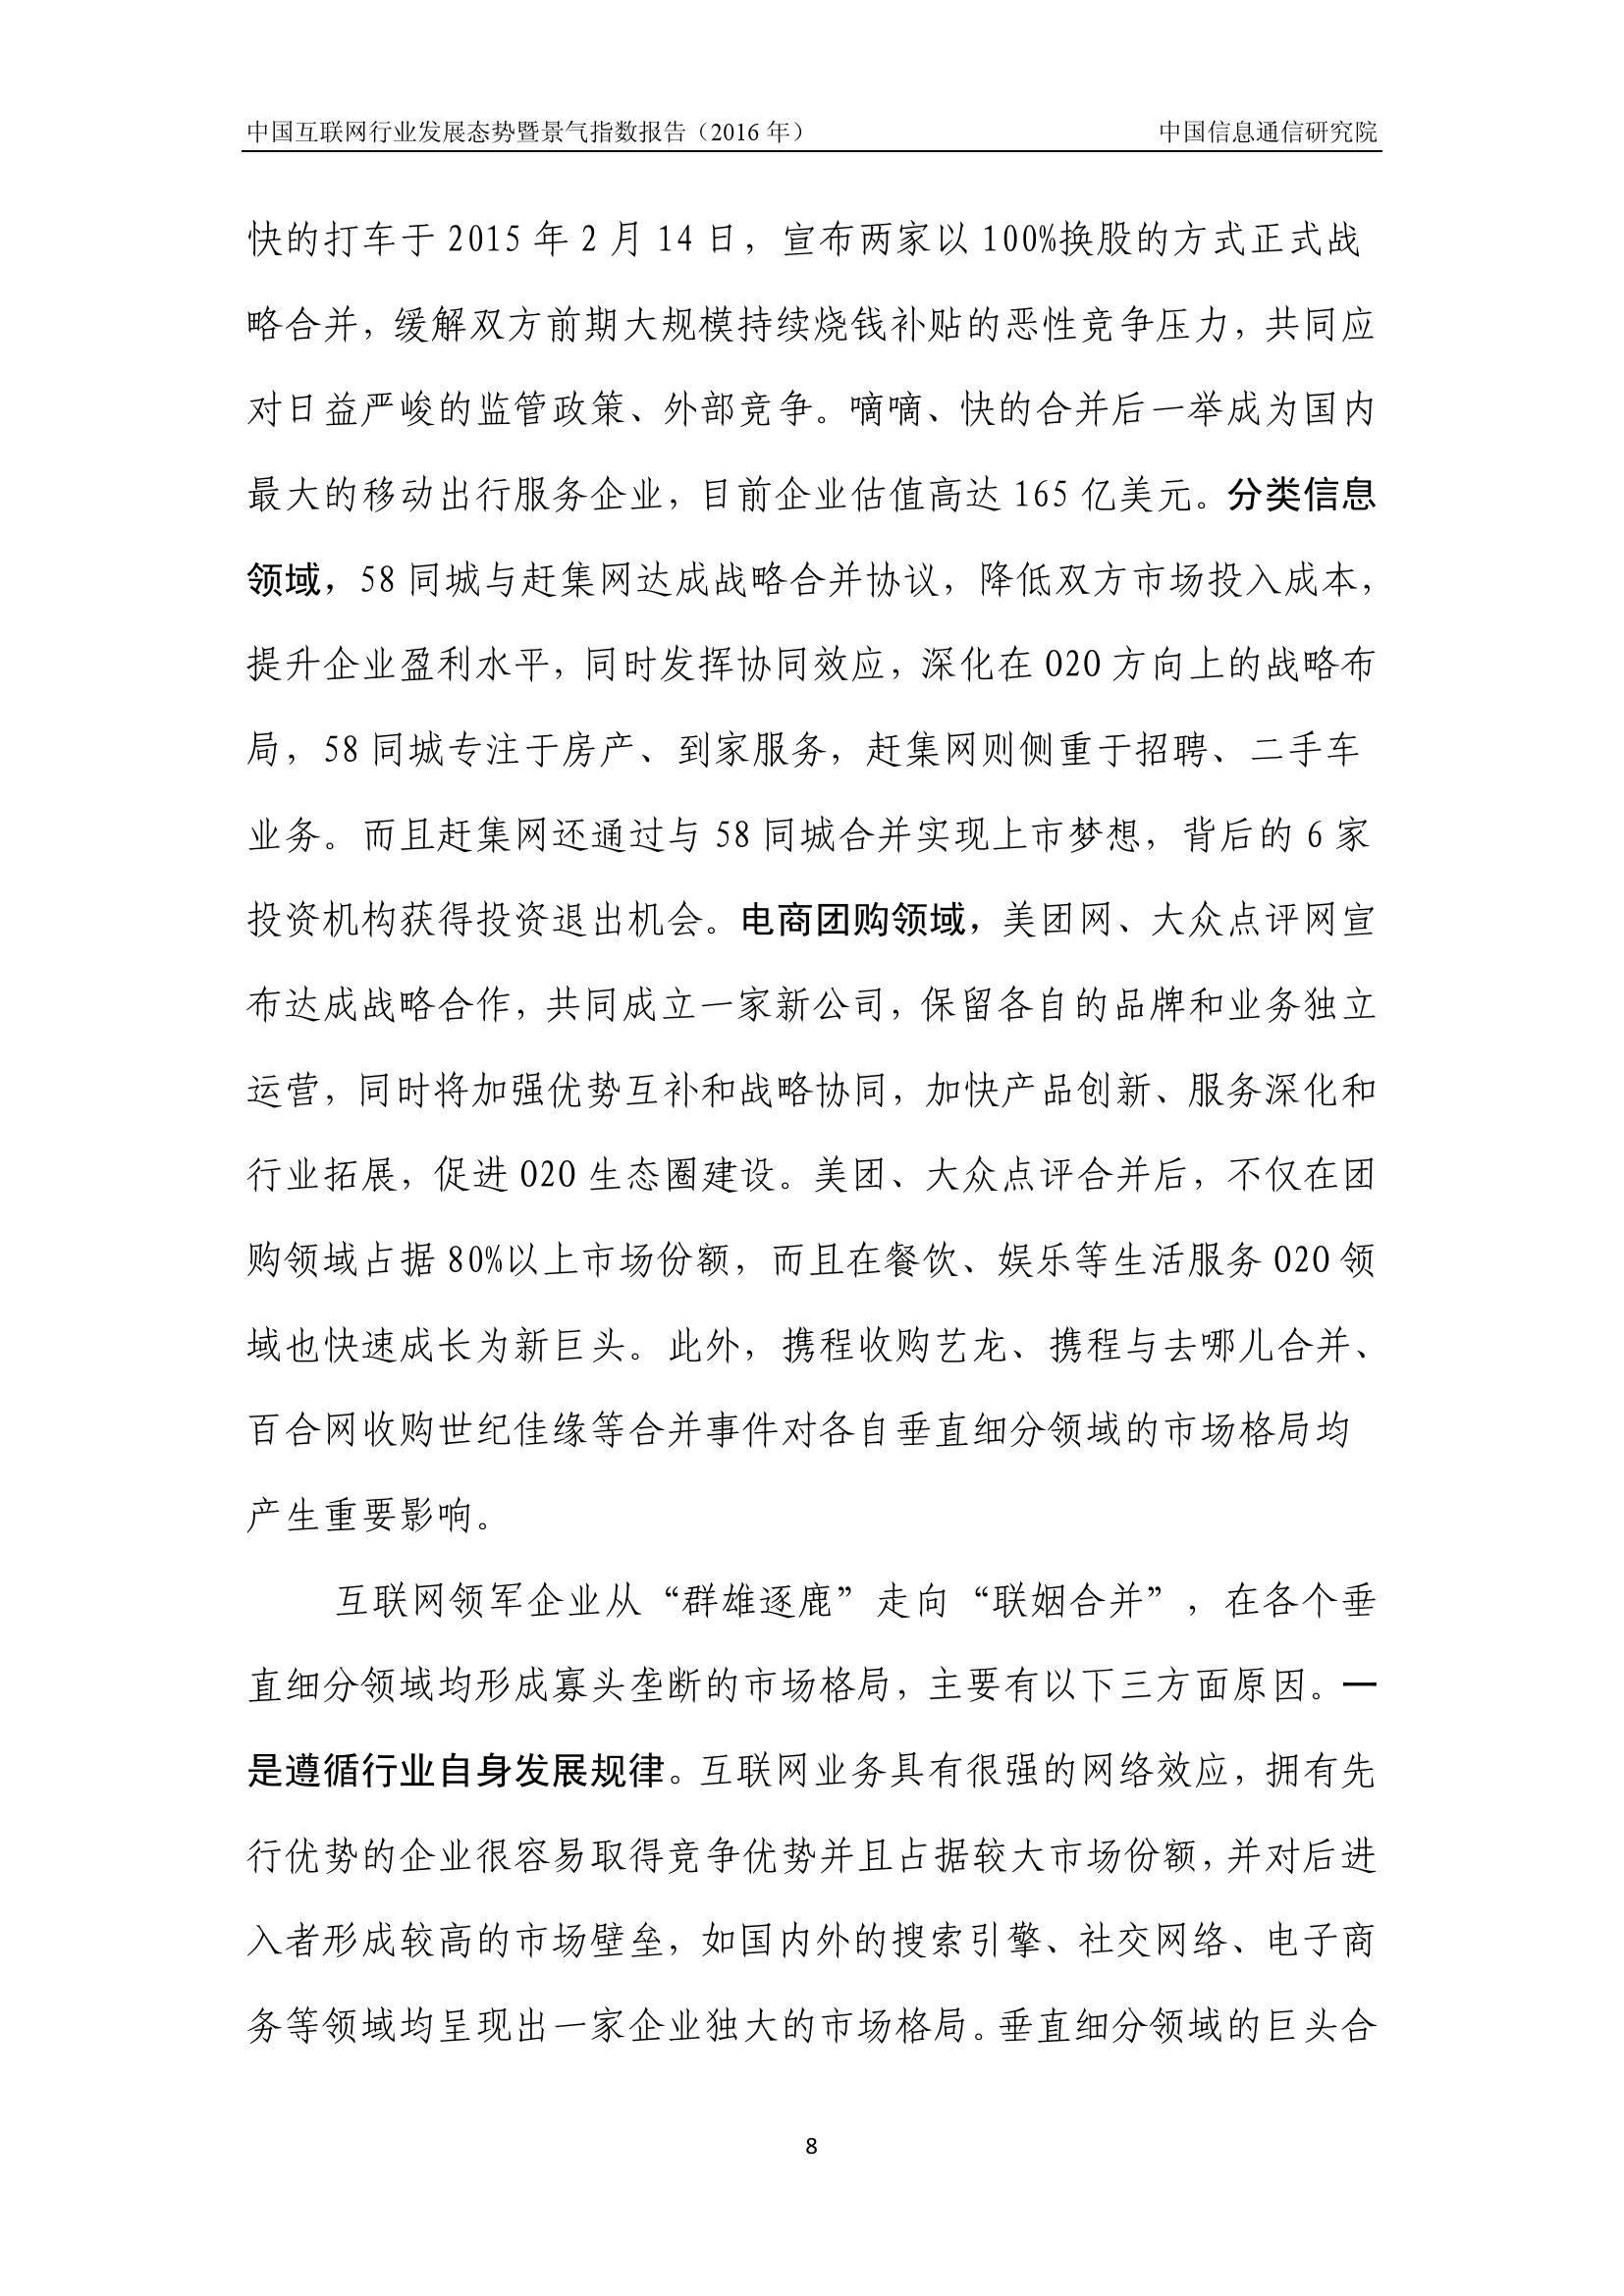 2016年中国互联网行业发展态势暨景气指数报告_000012